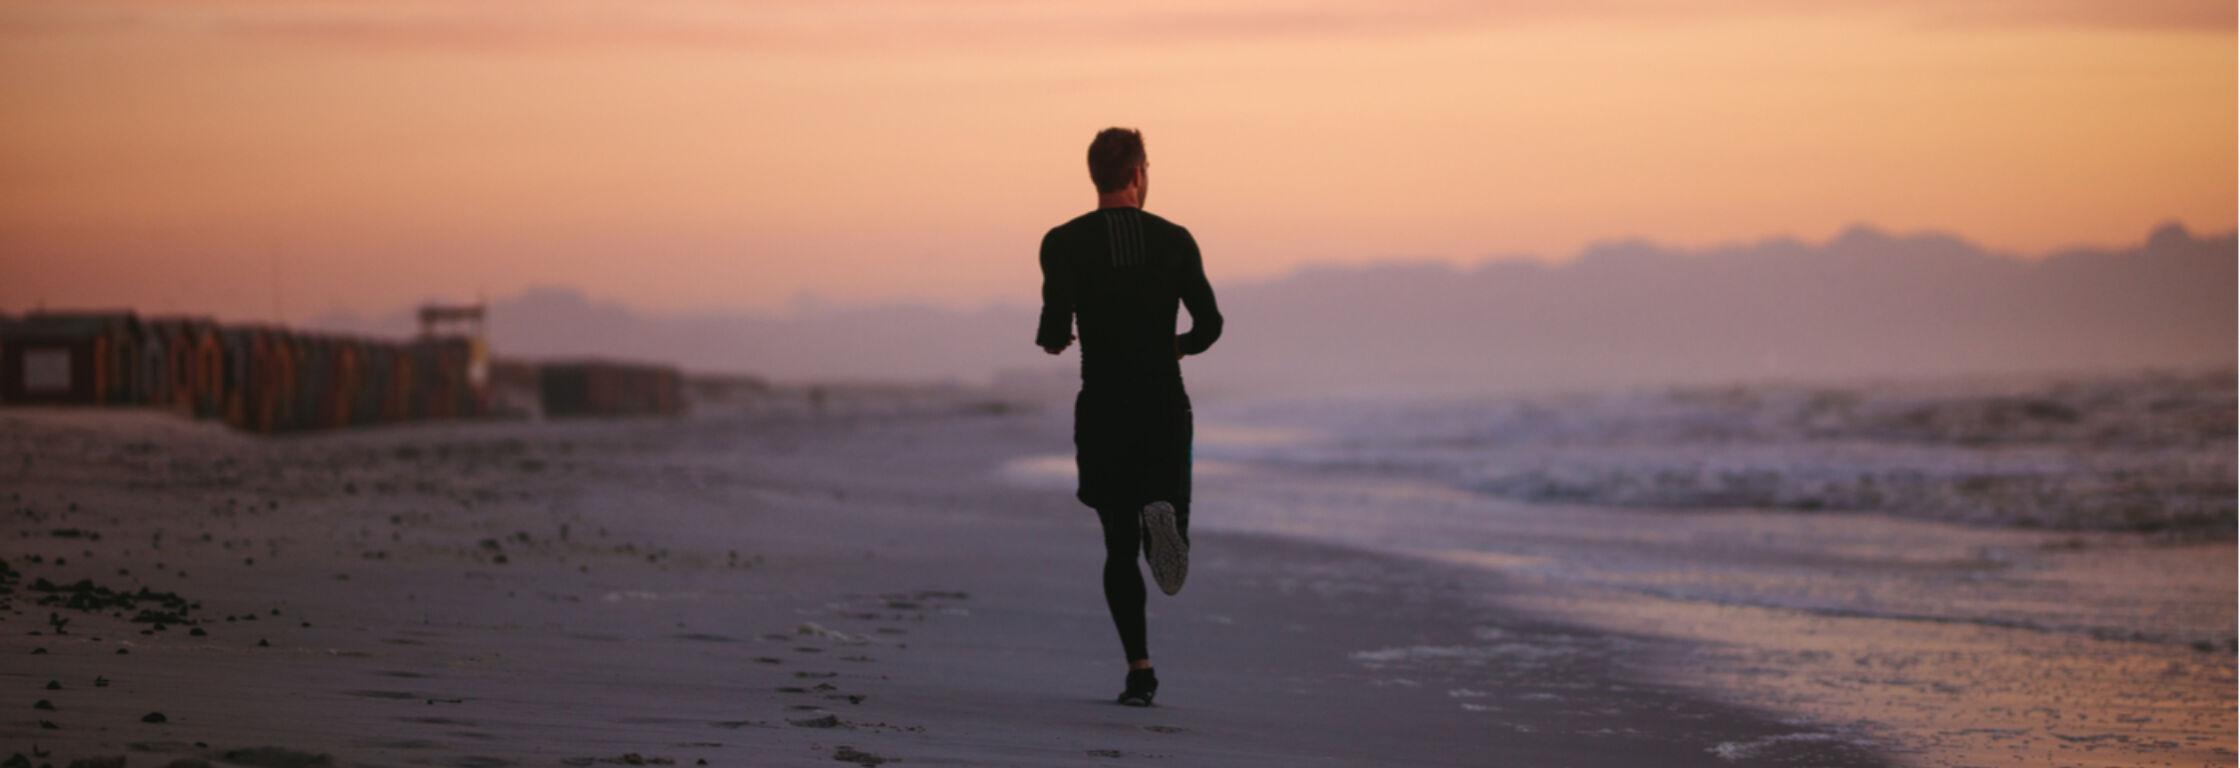 De invloed van stress op hardlopen